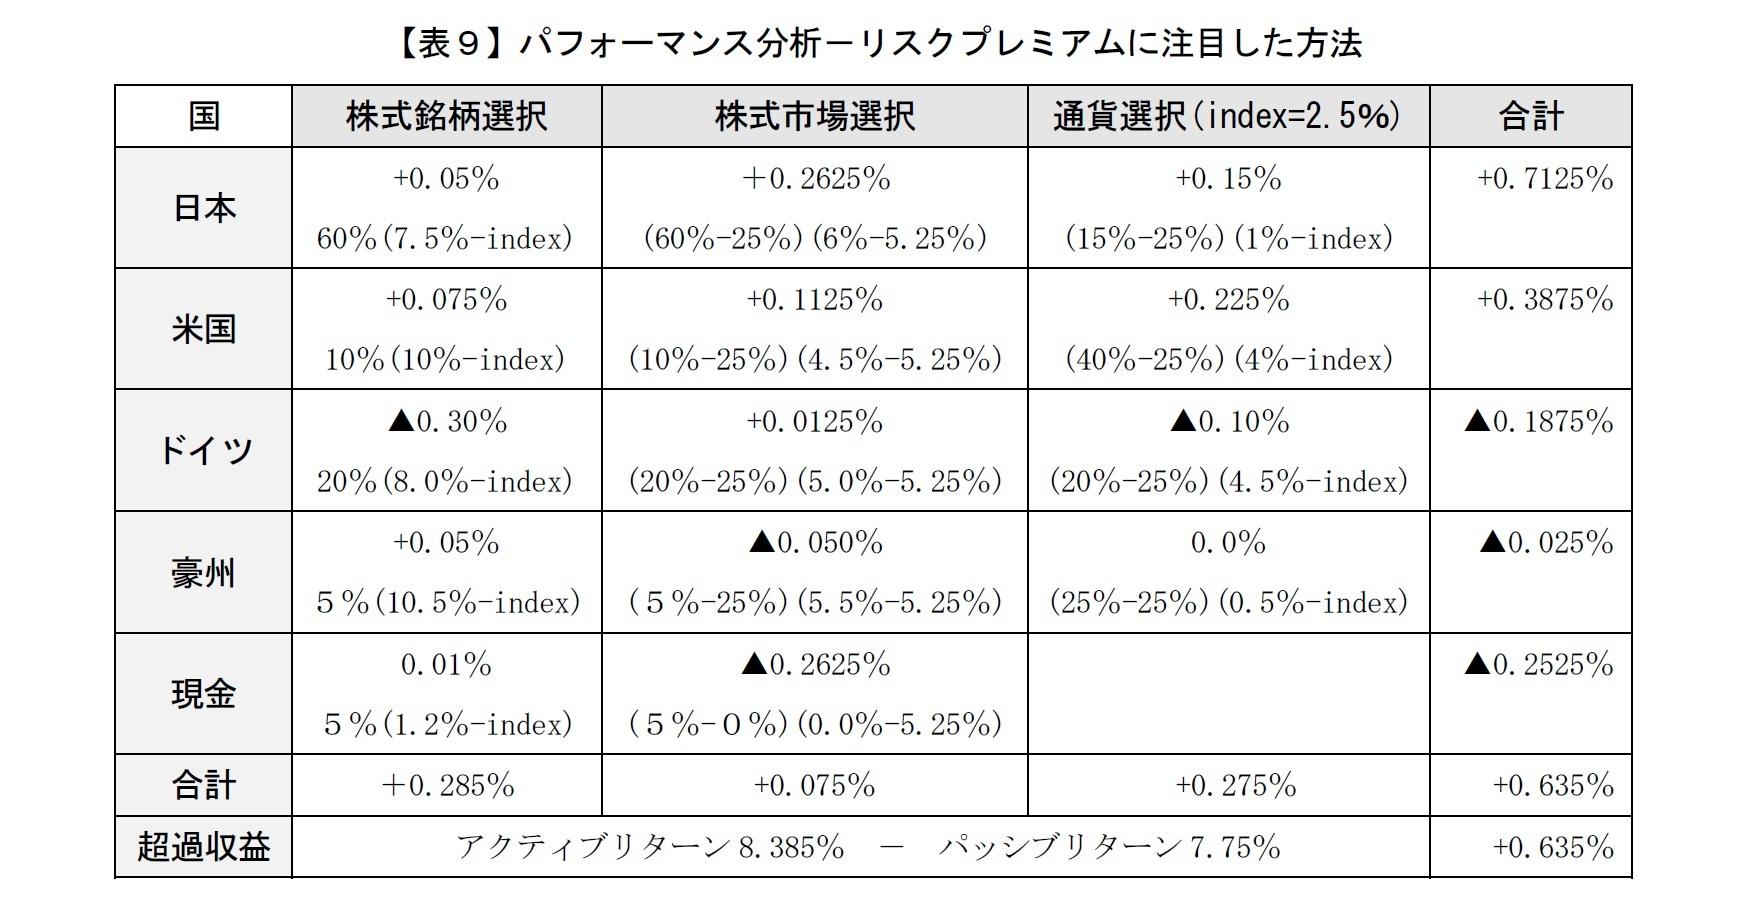 【表9】パフォーマンス分析-リスクプレミアムに注目した方法